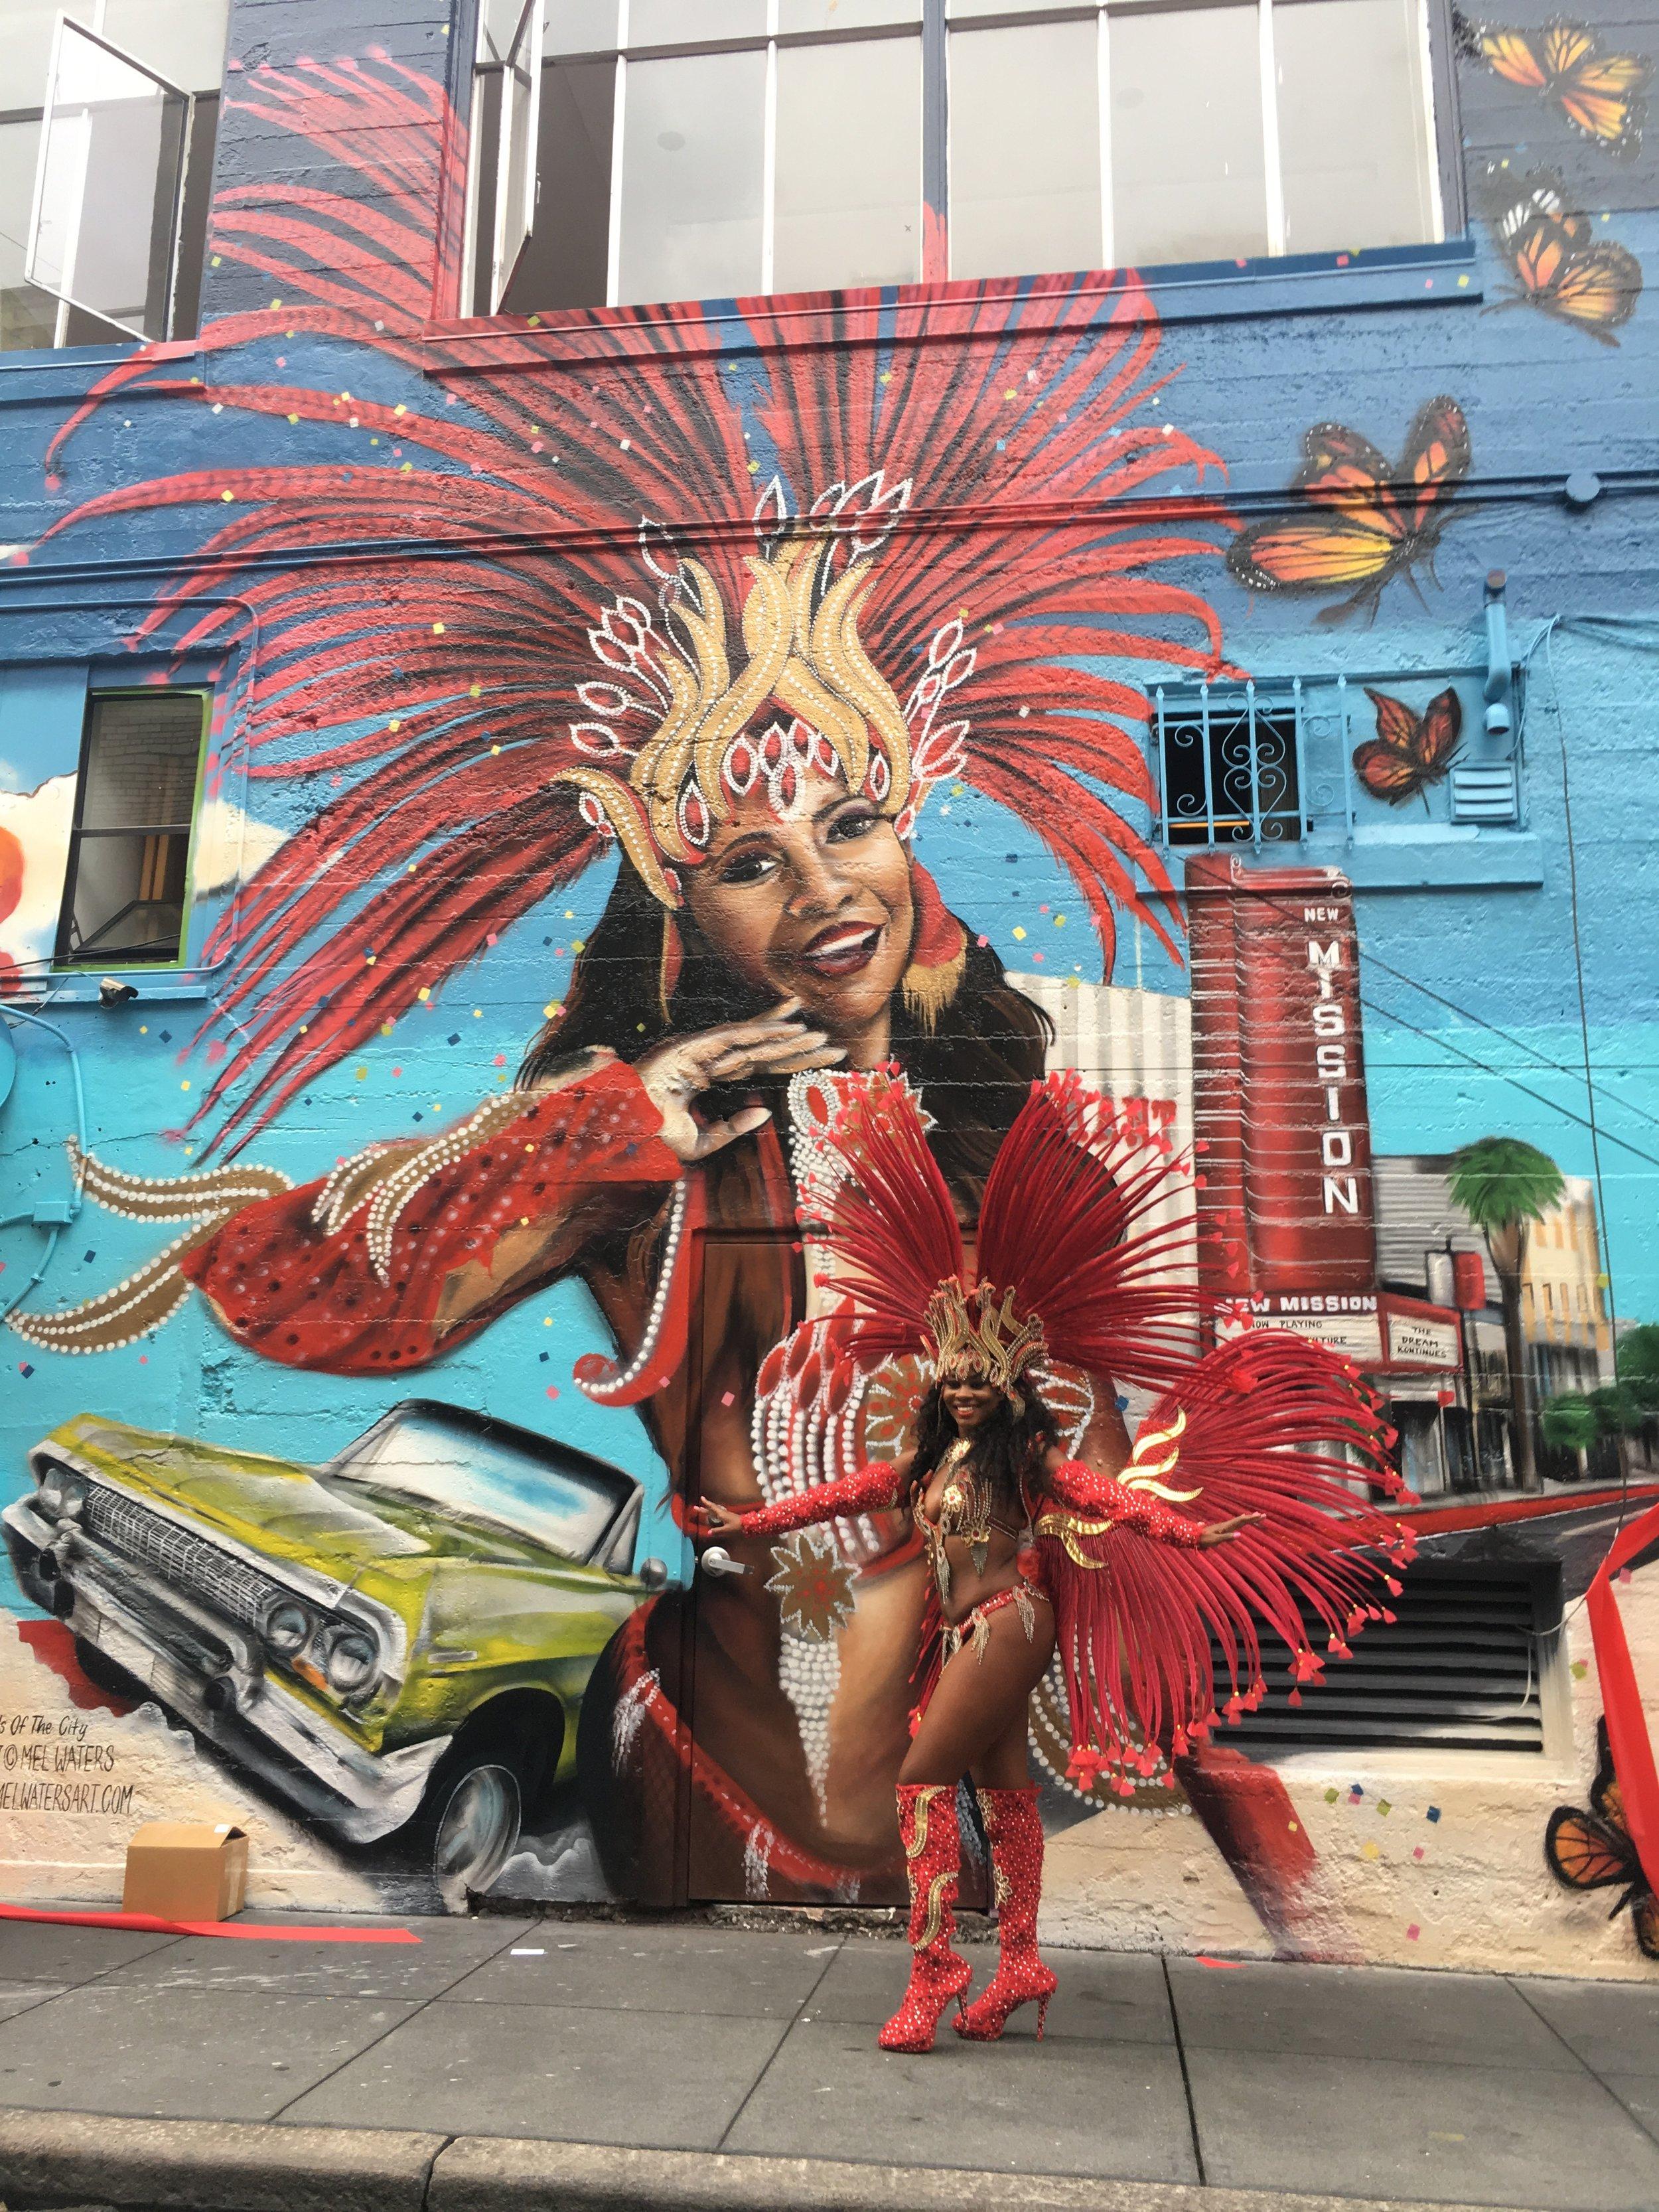 Hemlock Alley Mural Project - Hemlock Alley between Polk and Larkin Streets, 2017.